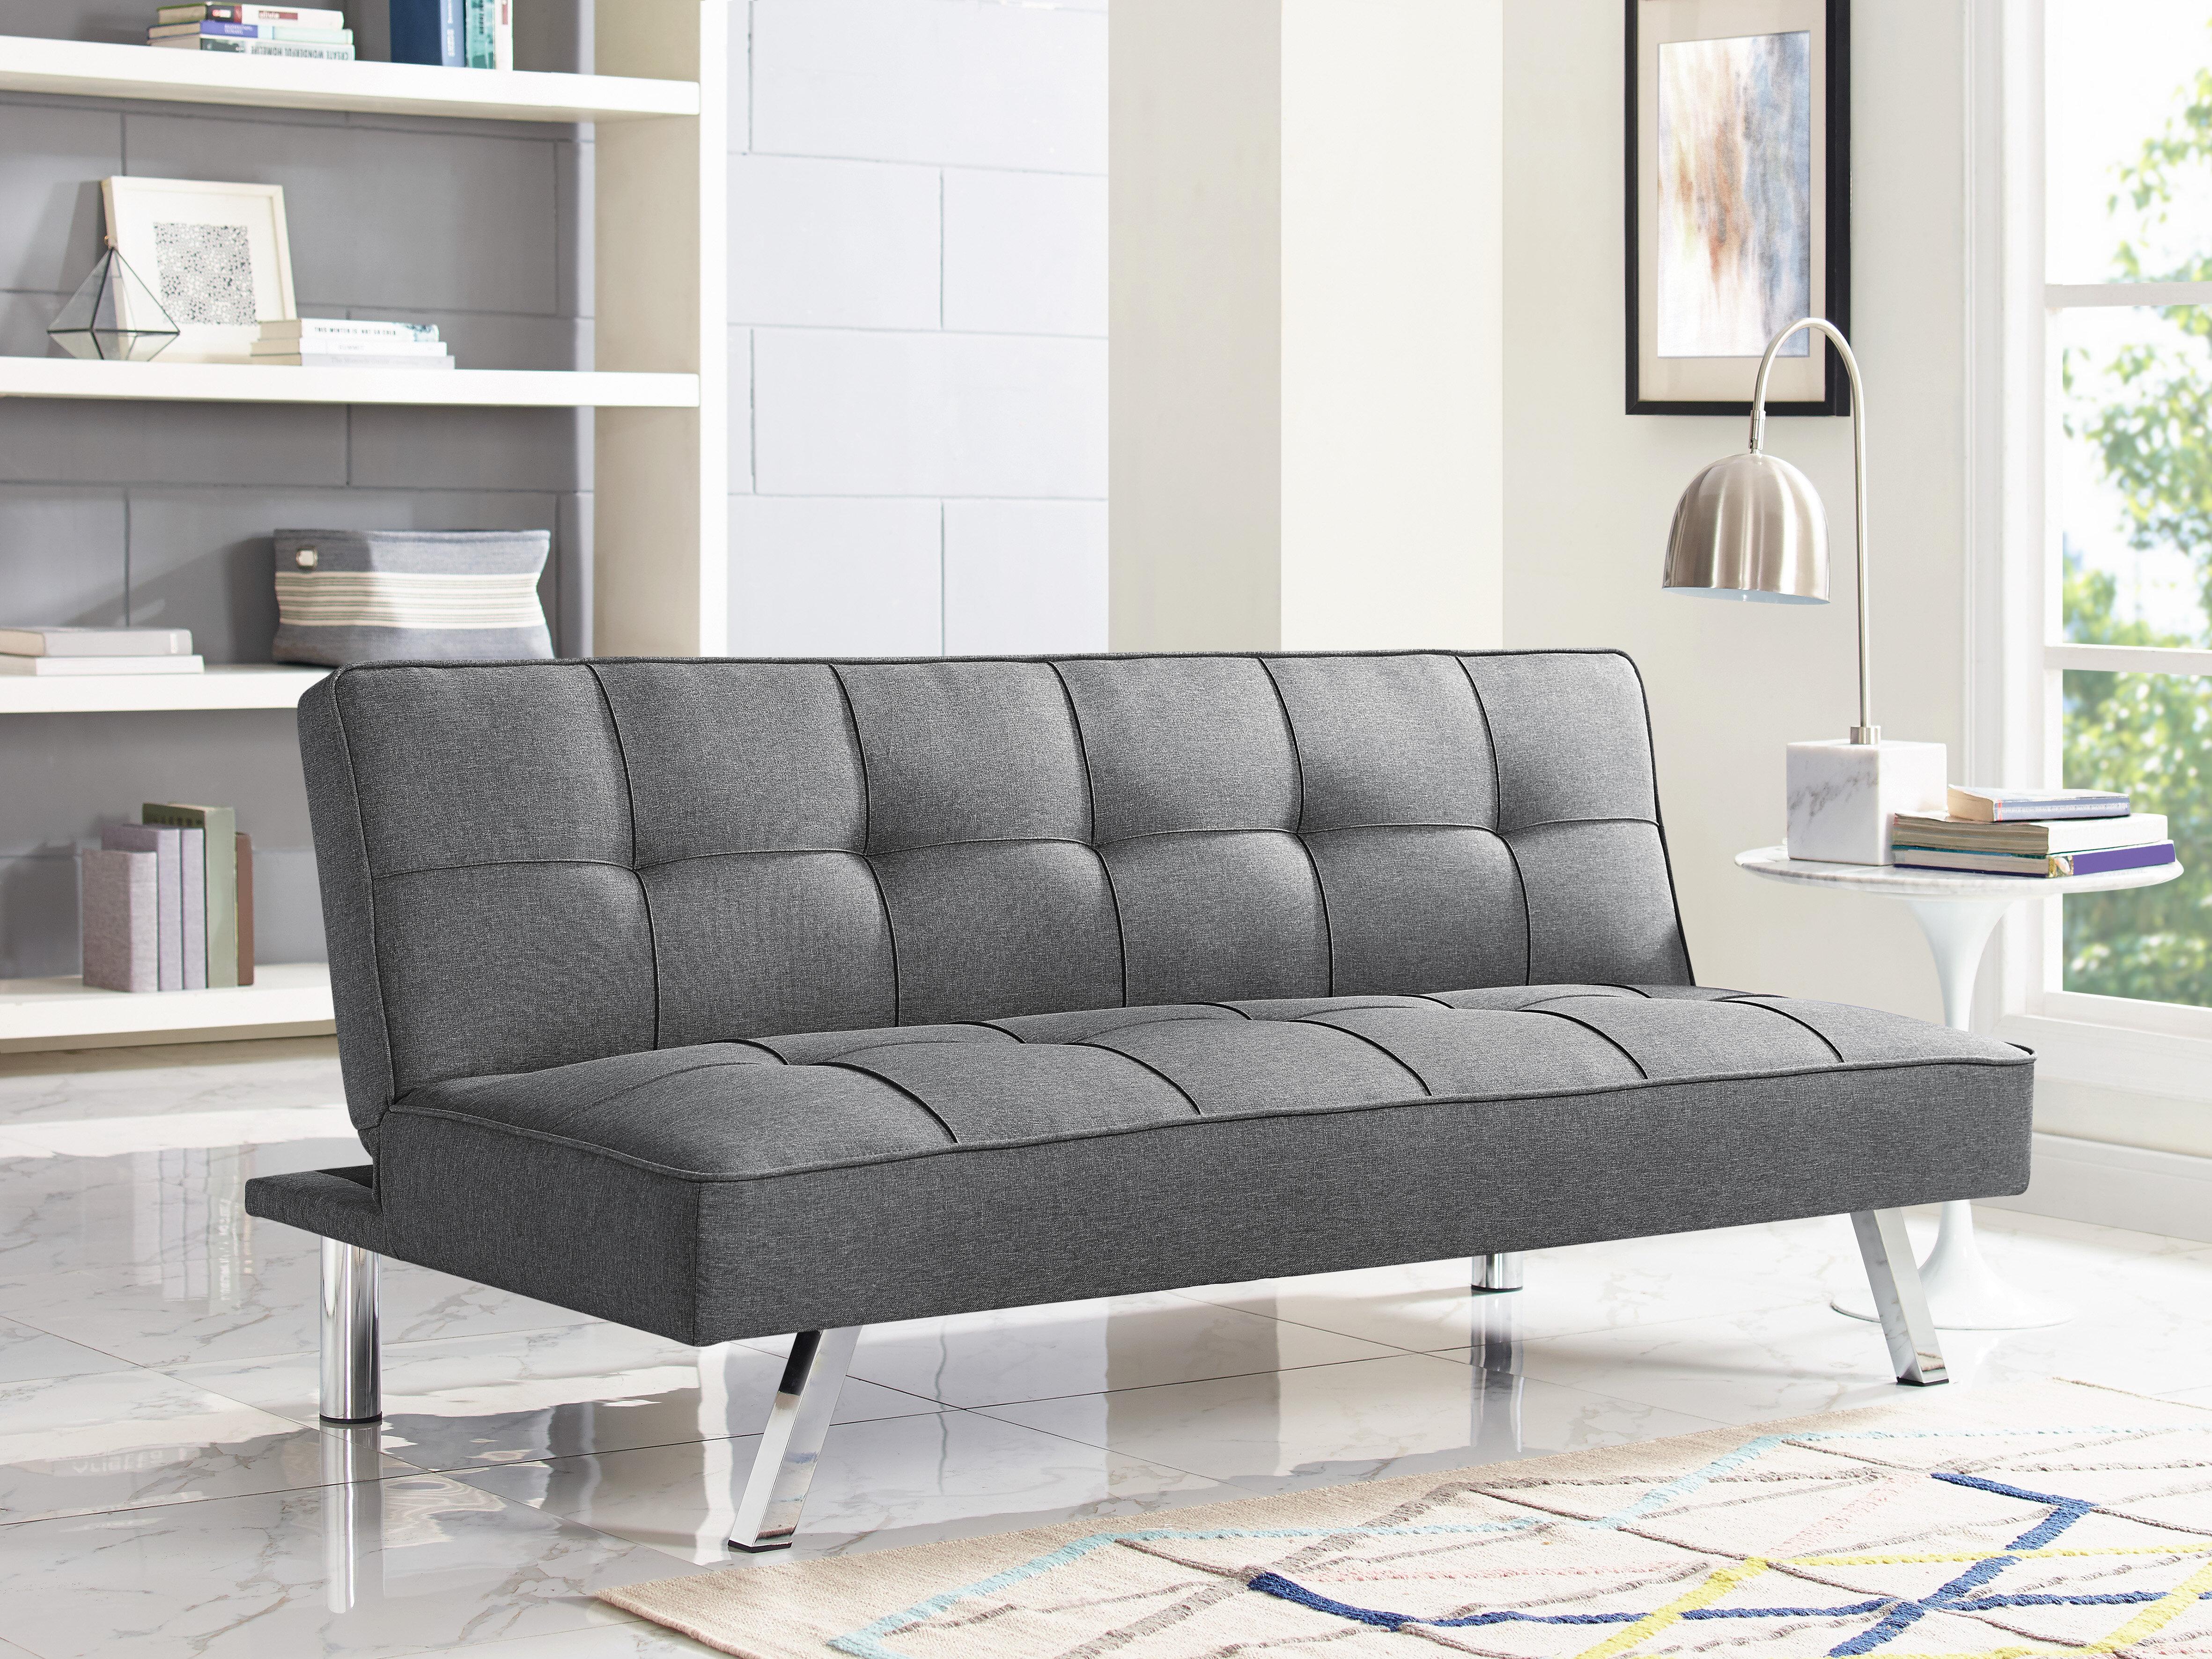 Serta Futons Corwin Convertible Sofa U0026 Reviews | Wayfair